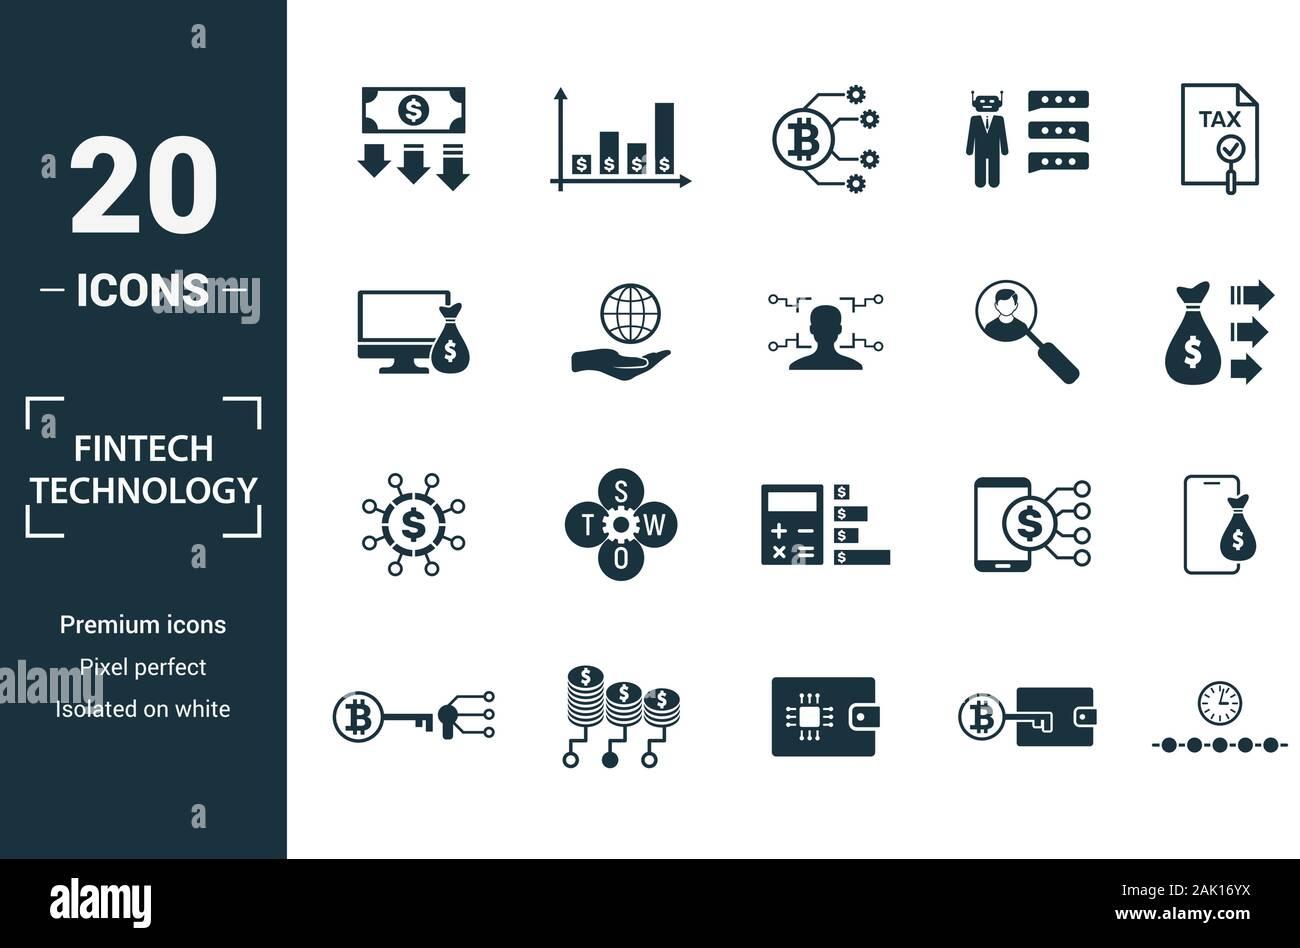 Fintech Technologie Icon Set. Kreative Elemente Grundeinkommen, bitcoin Technologie, online kredit, Kyc, Geschäftsmodell Symbole enthalten. Kann verwendet werden für Stock Vektor